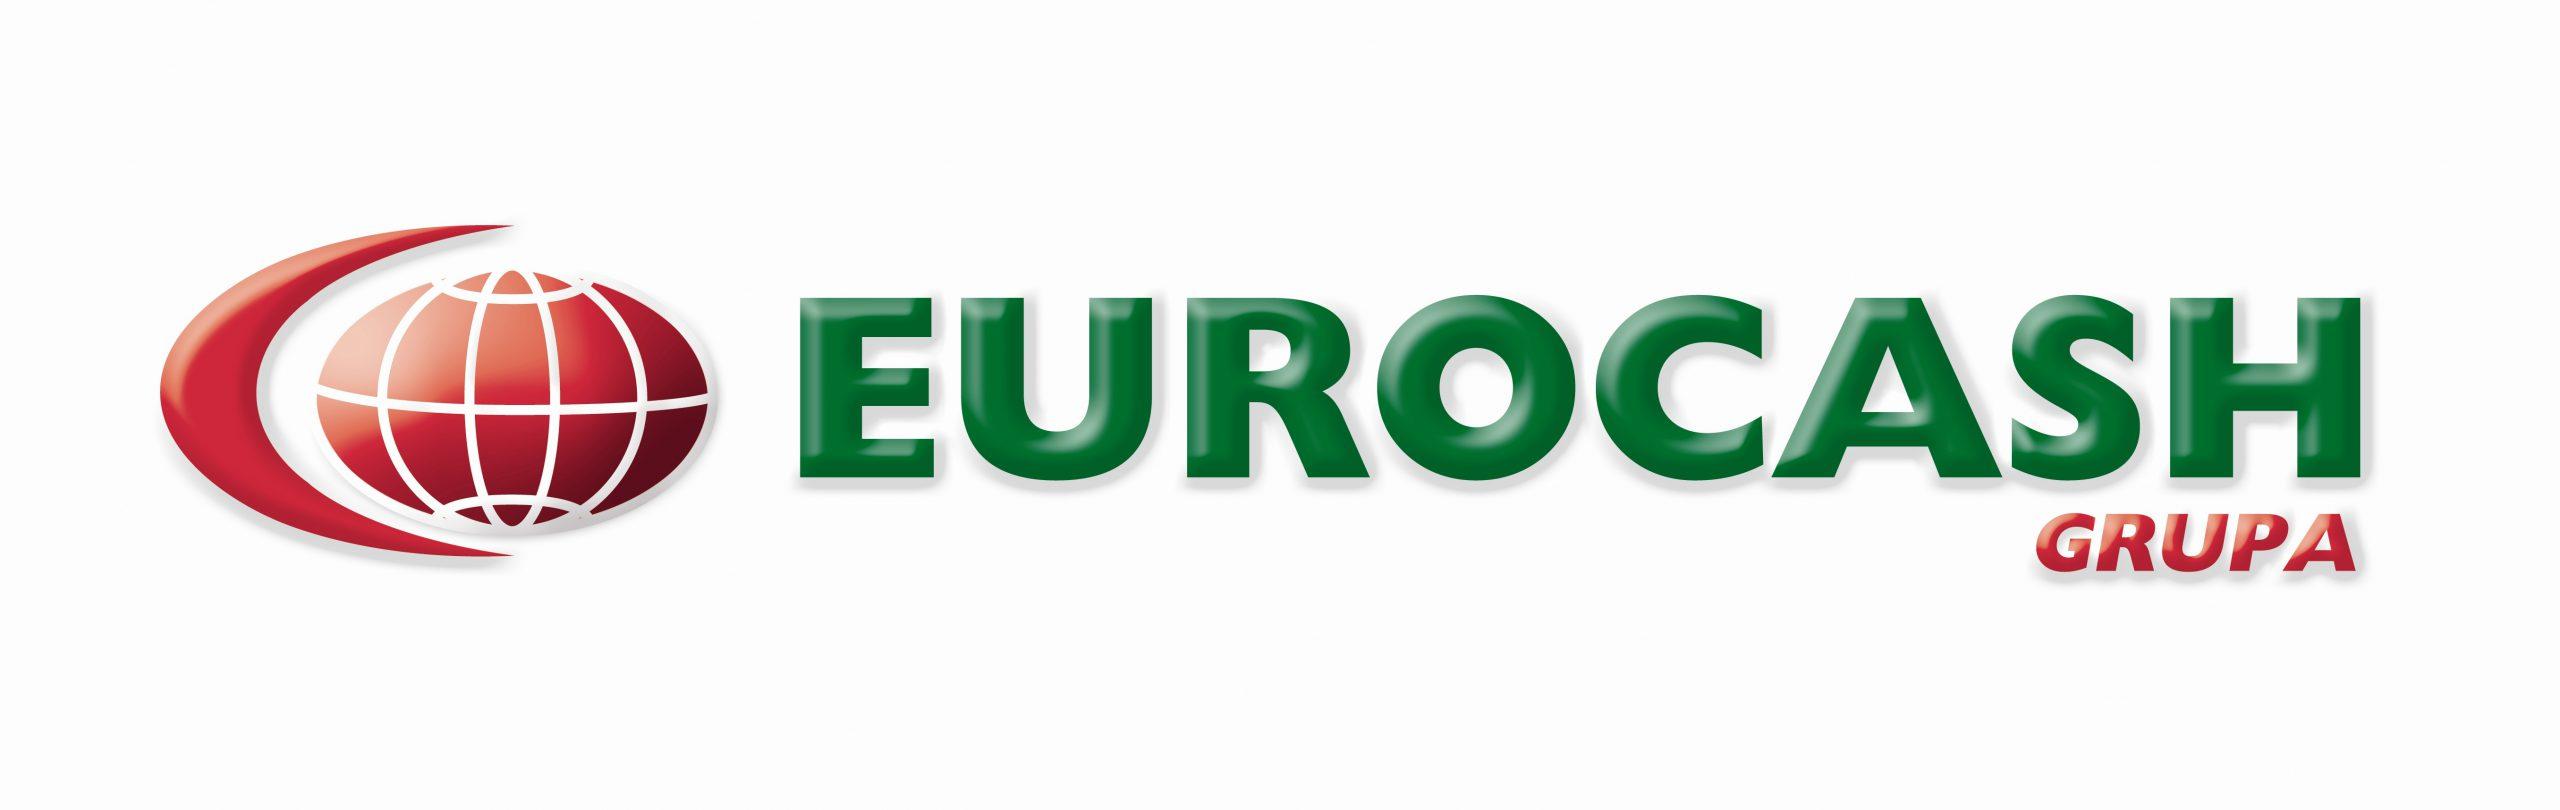 Grupa Eurocash publikuje wyniki za II kwartał 2017 r.